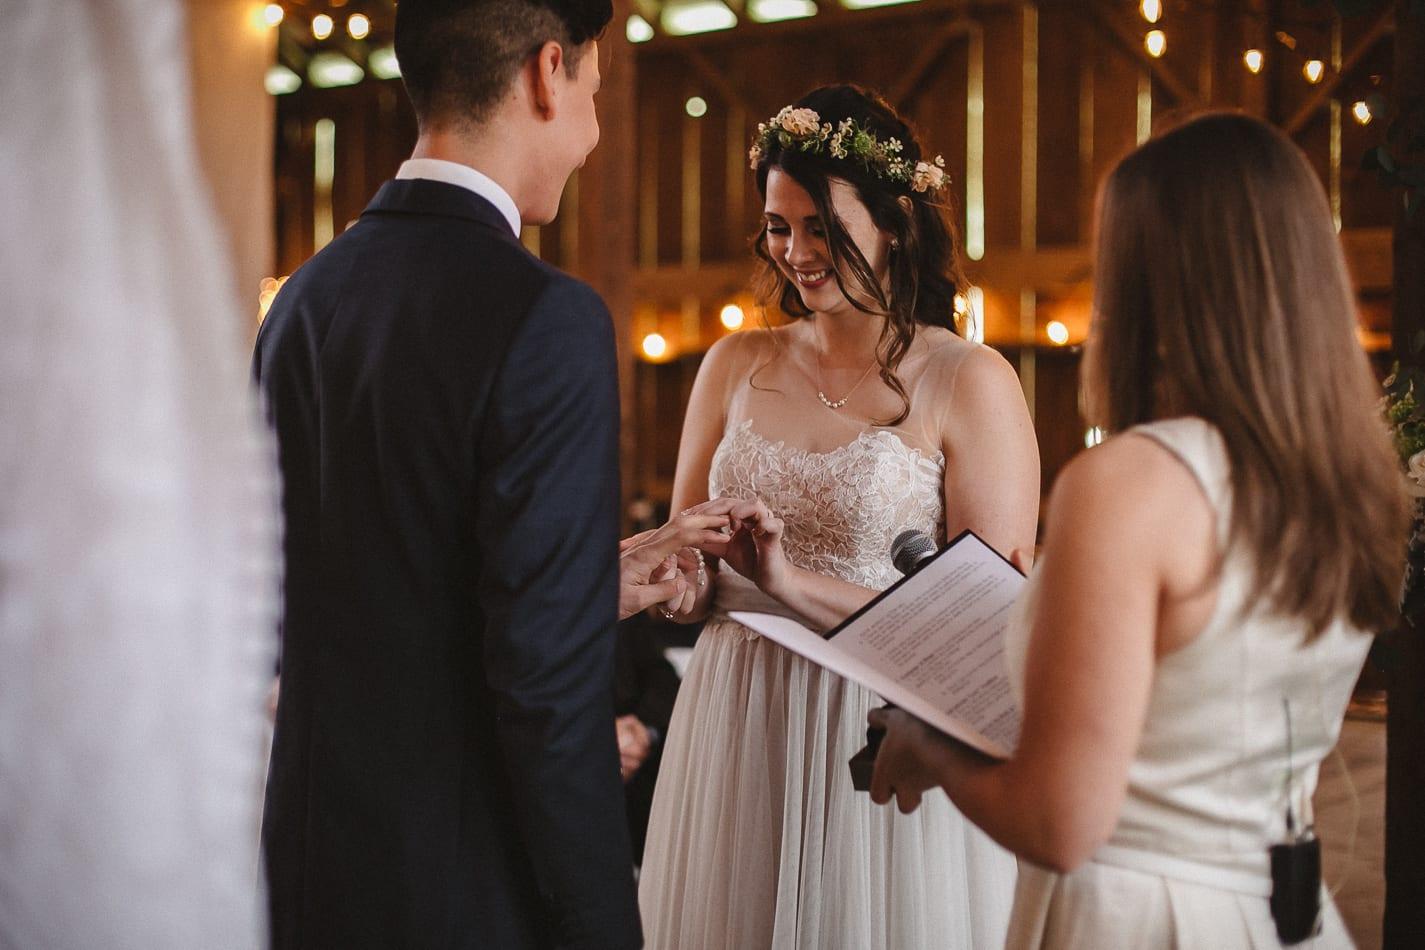 gover-ranch-redding-california-wedding-photographer-138